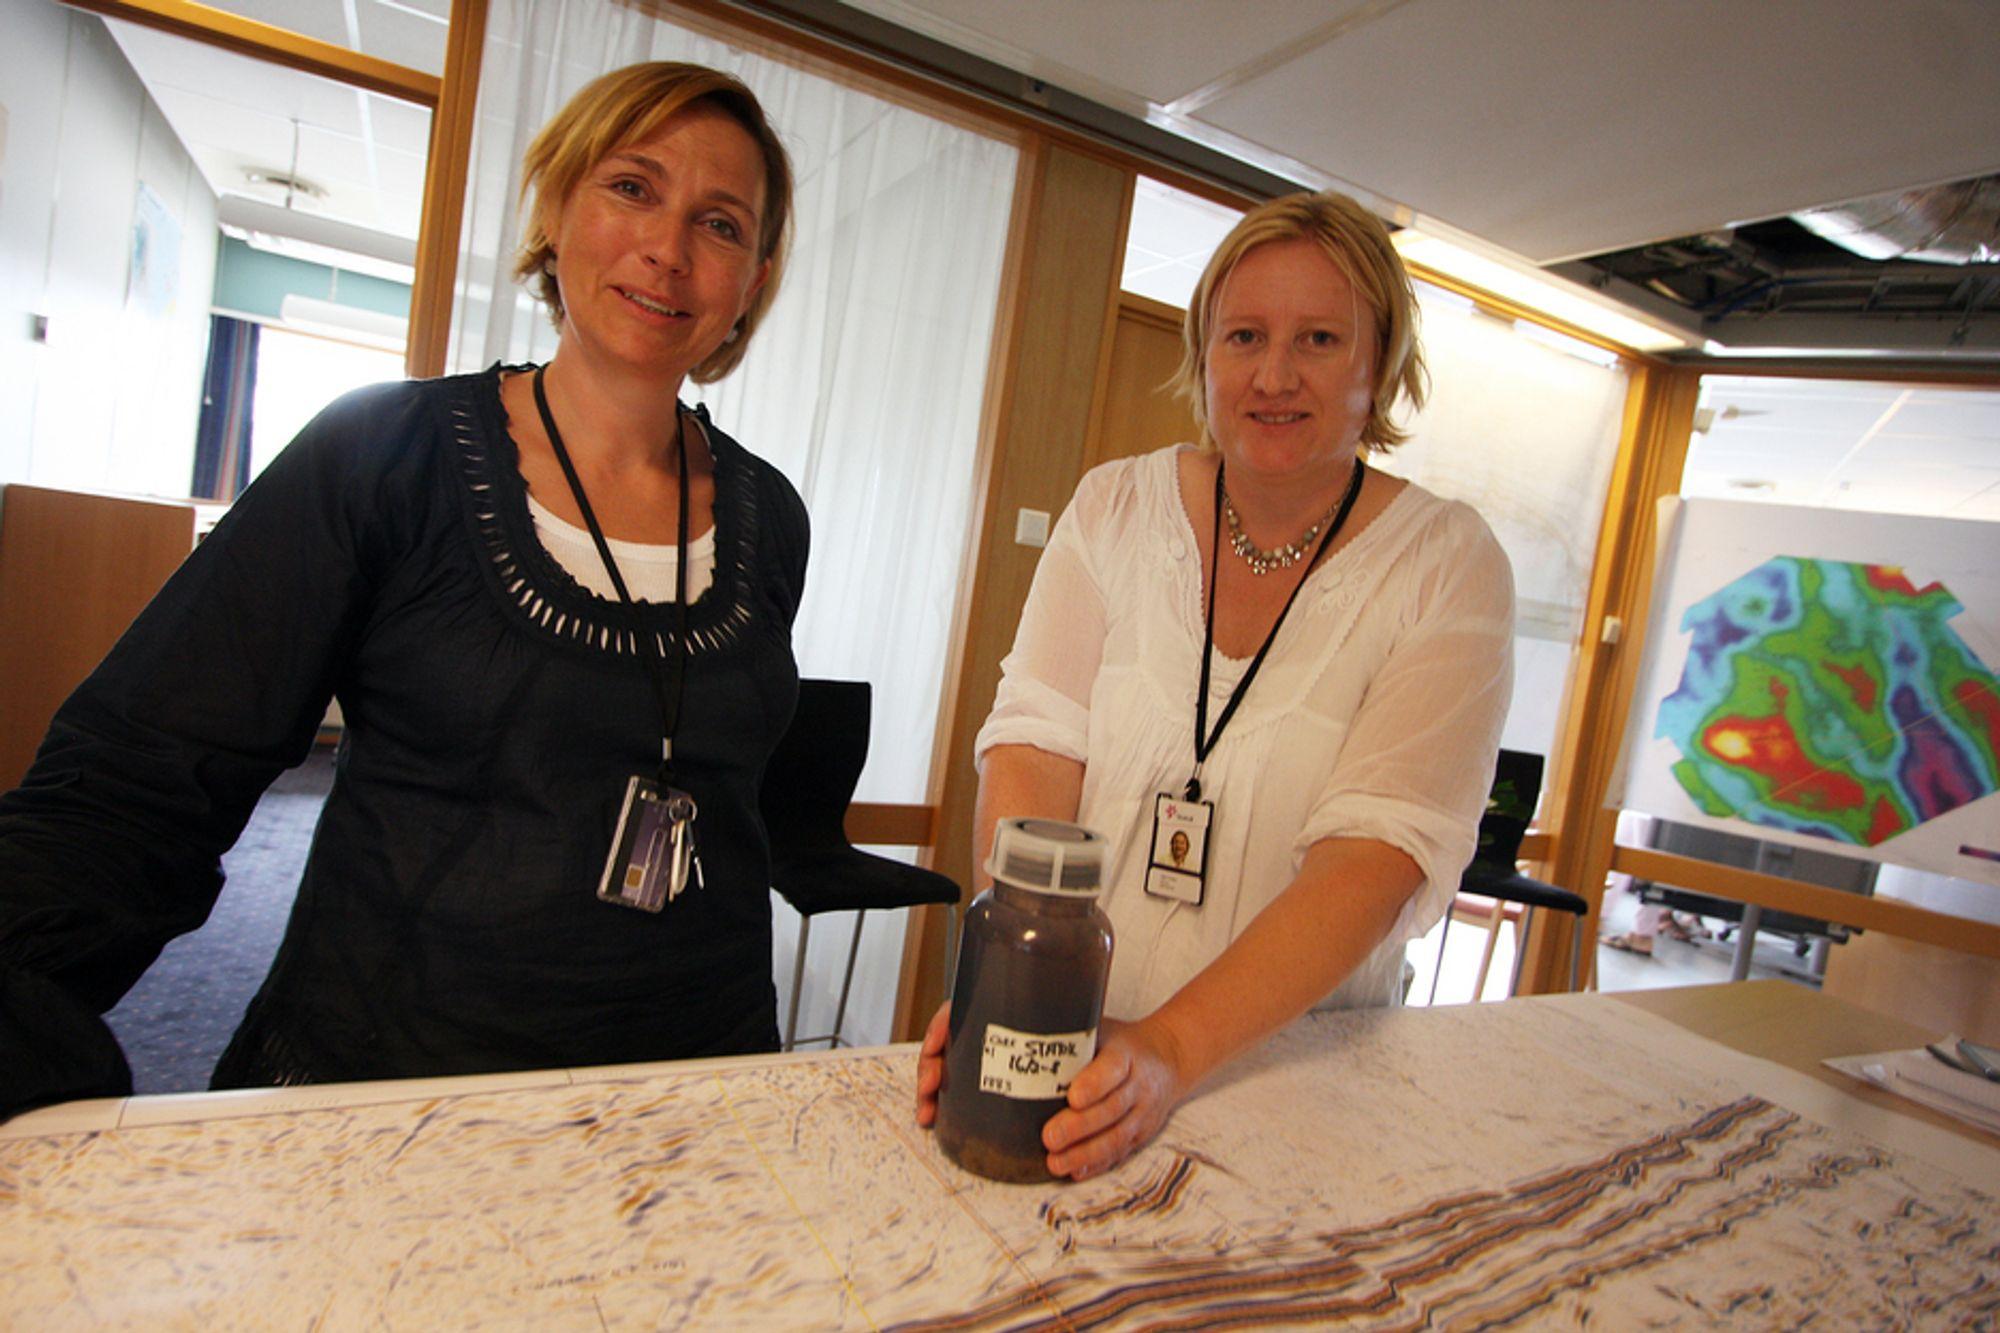 FANT OLJE TIL SLUTT: Statoils letesjef for Nordsjøen, Sigrid Borthen Toven, og letesjef for Utsirahøyden, Silje Fekjar Nilsson, med oljeprøven som bekrefter kjempefunnet i Nordsjøen.